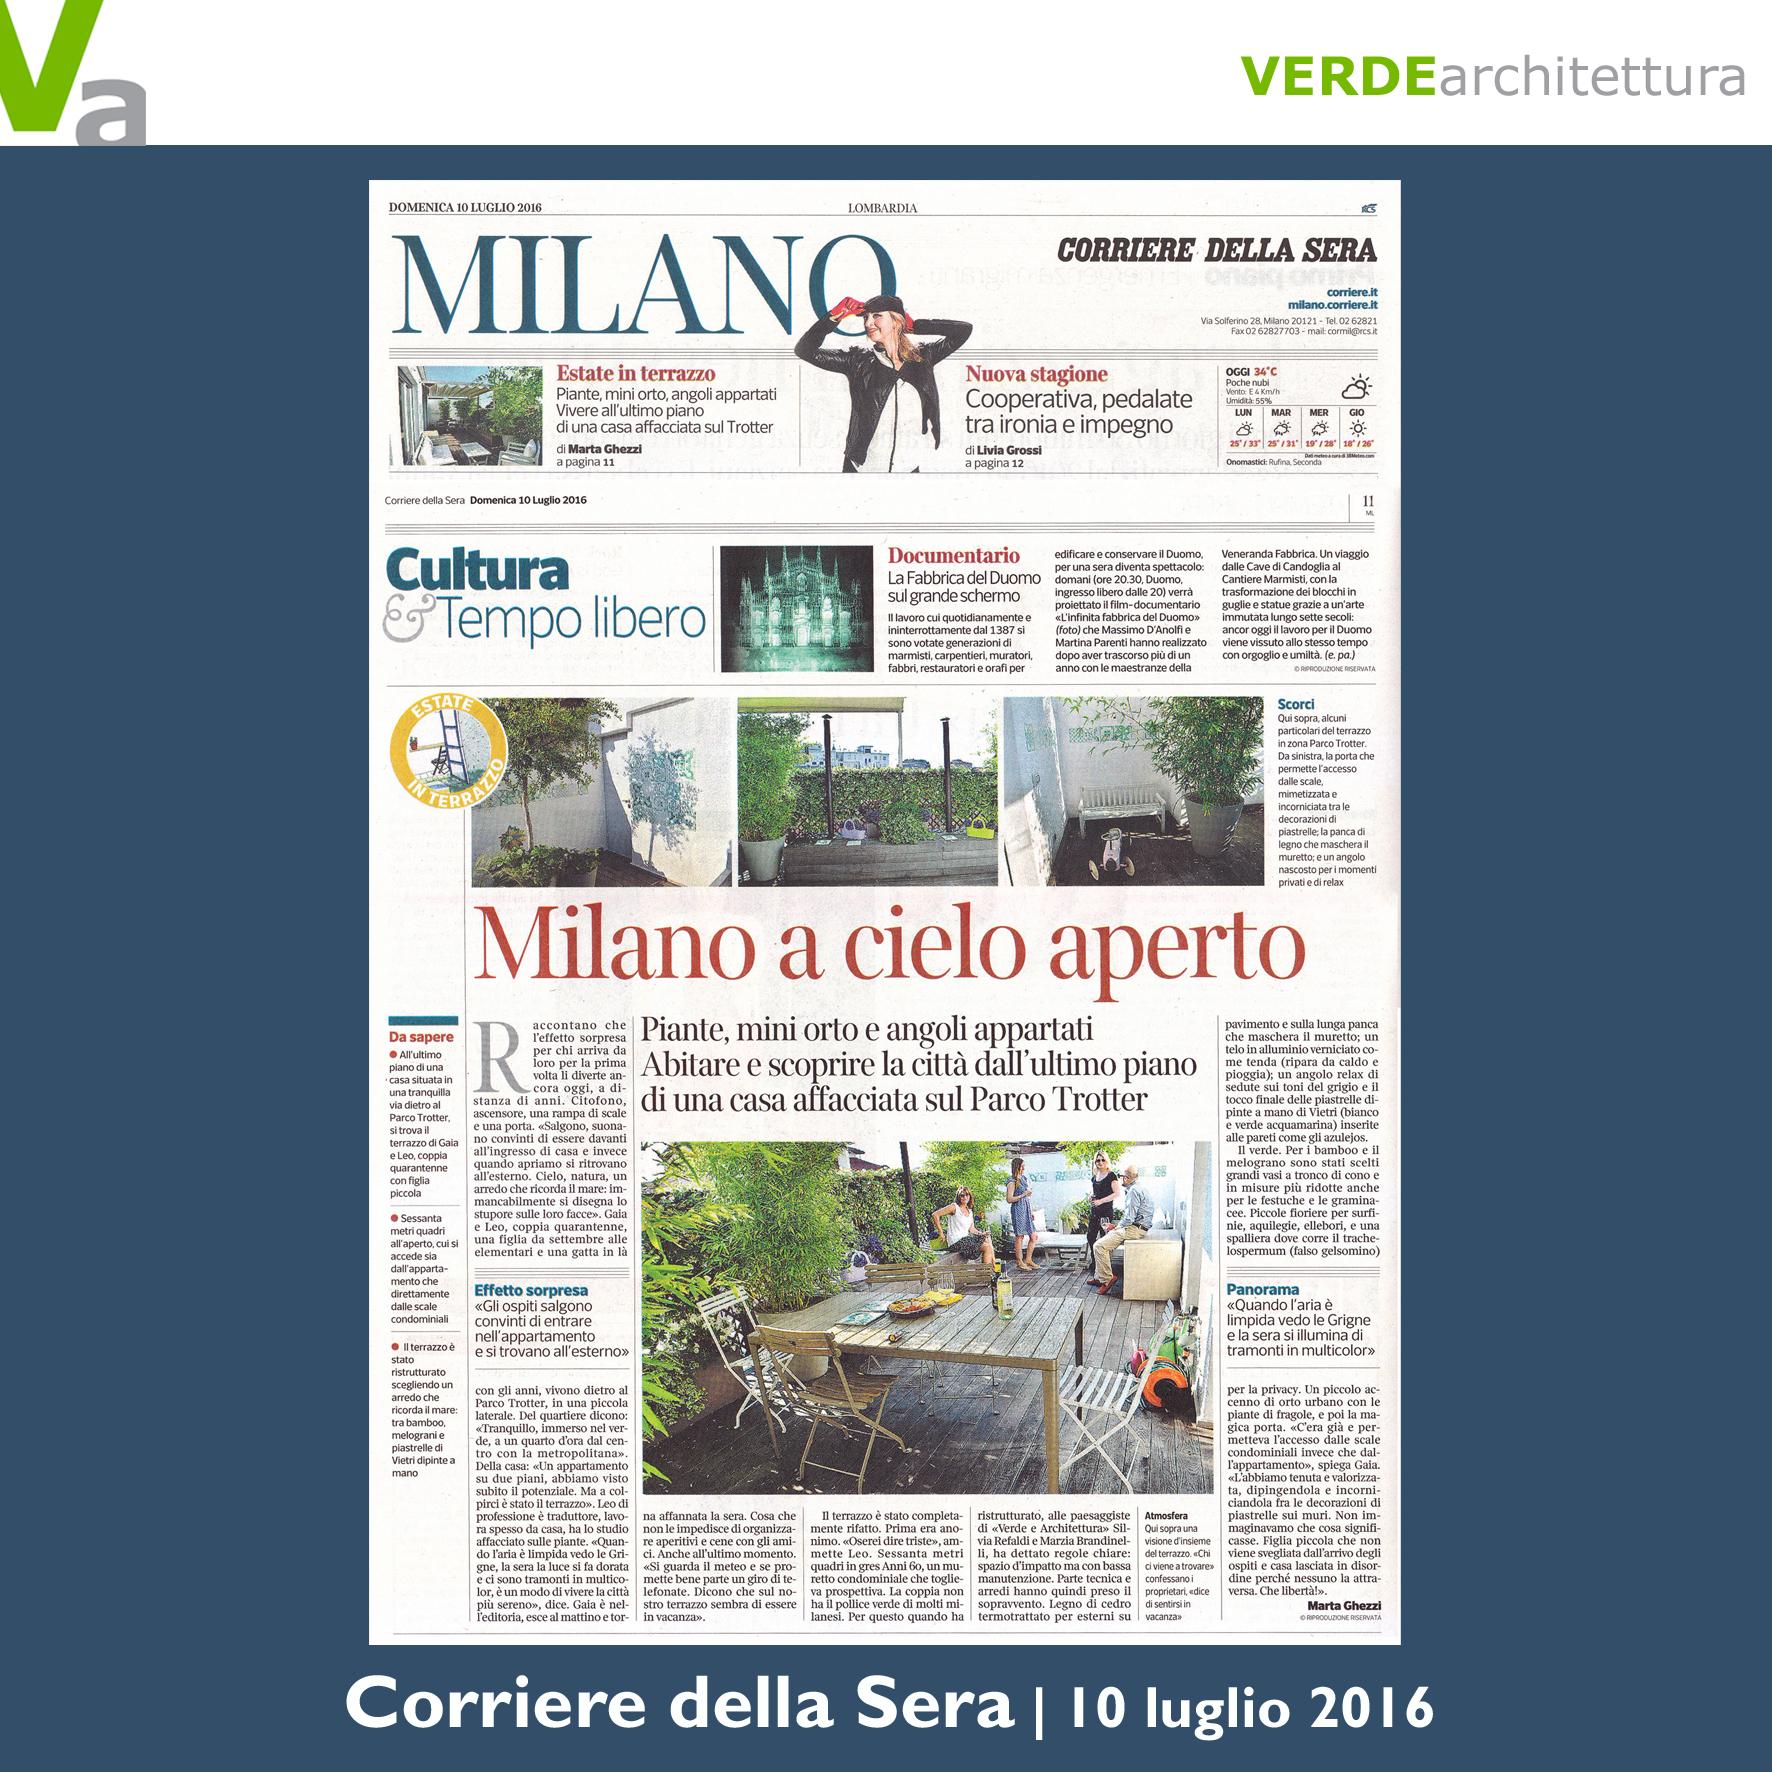 Verdearchitettura passione natura for Corriere della sera casa